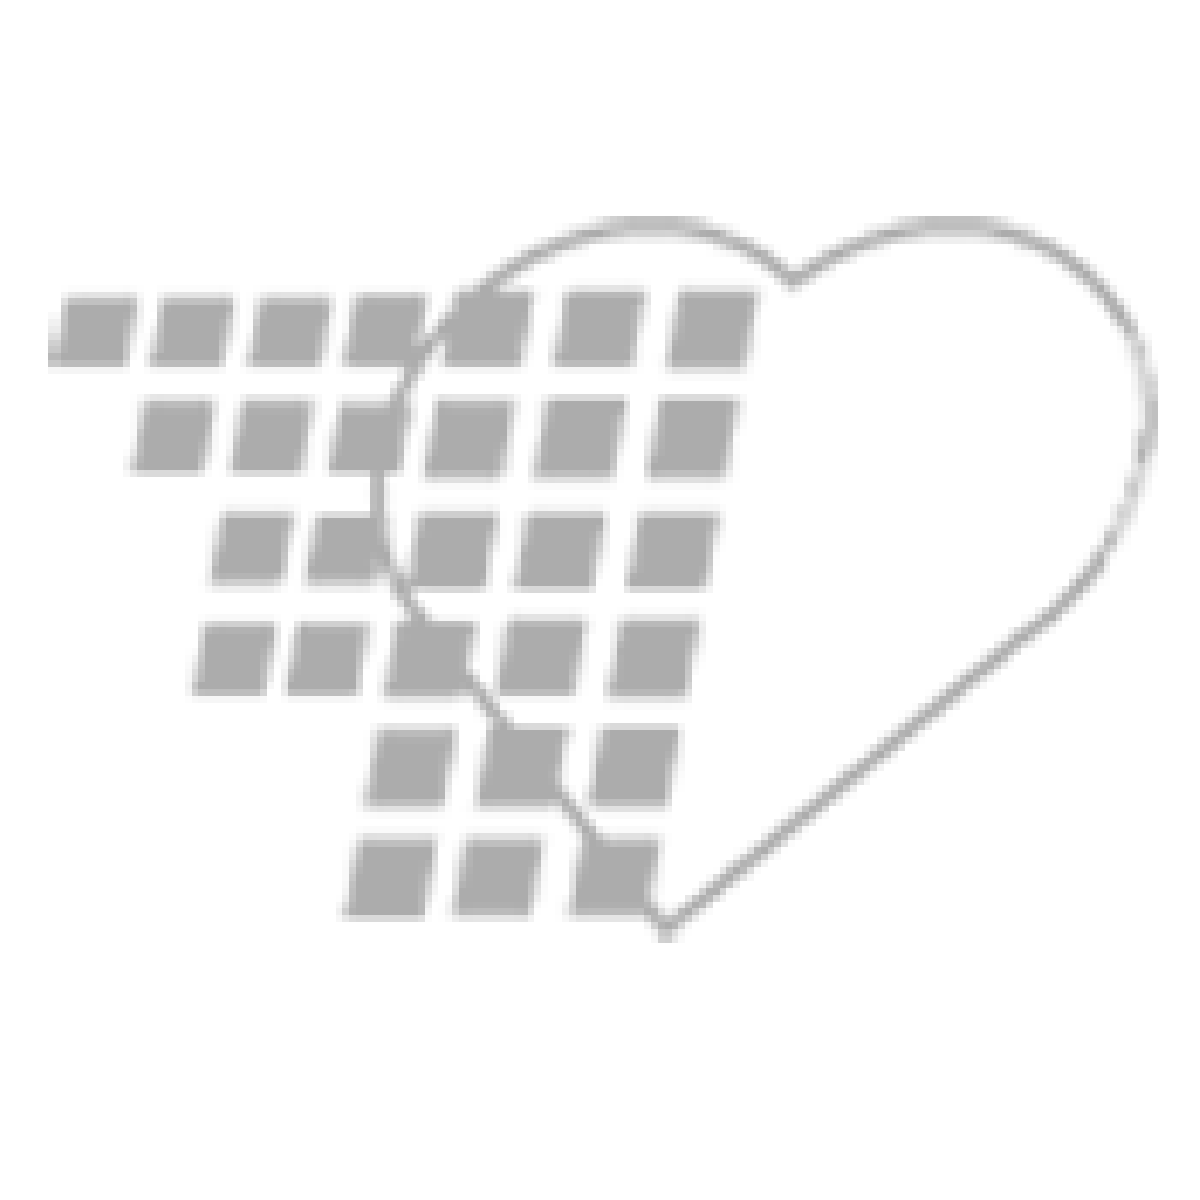 05-46-3656 Kangaroo™ Epump Set Anti-free Flow - 1000 mL